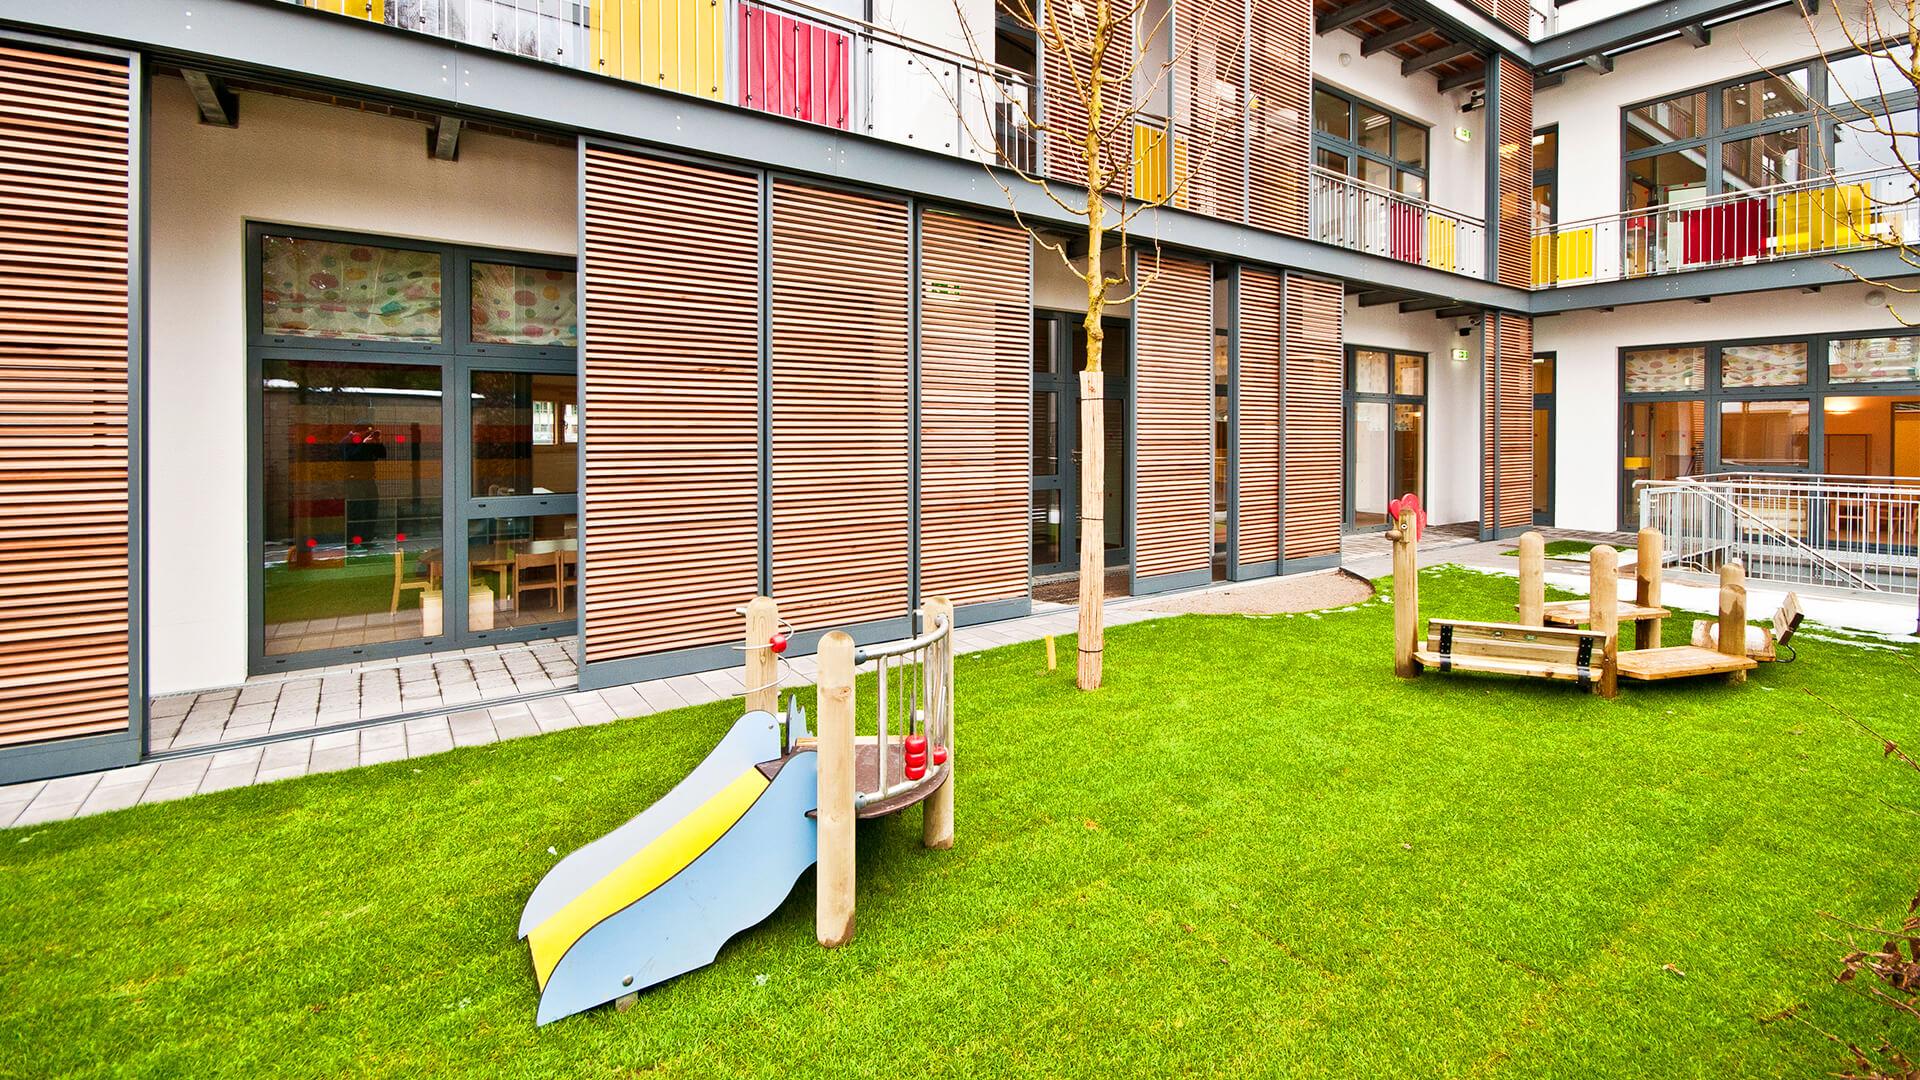 Supergrüne Außenanlage unserer Kita in Düsseldorf Heerdt – mit Wiese, Rutschen und modernen Schattenspendern